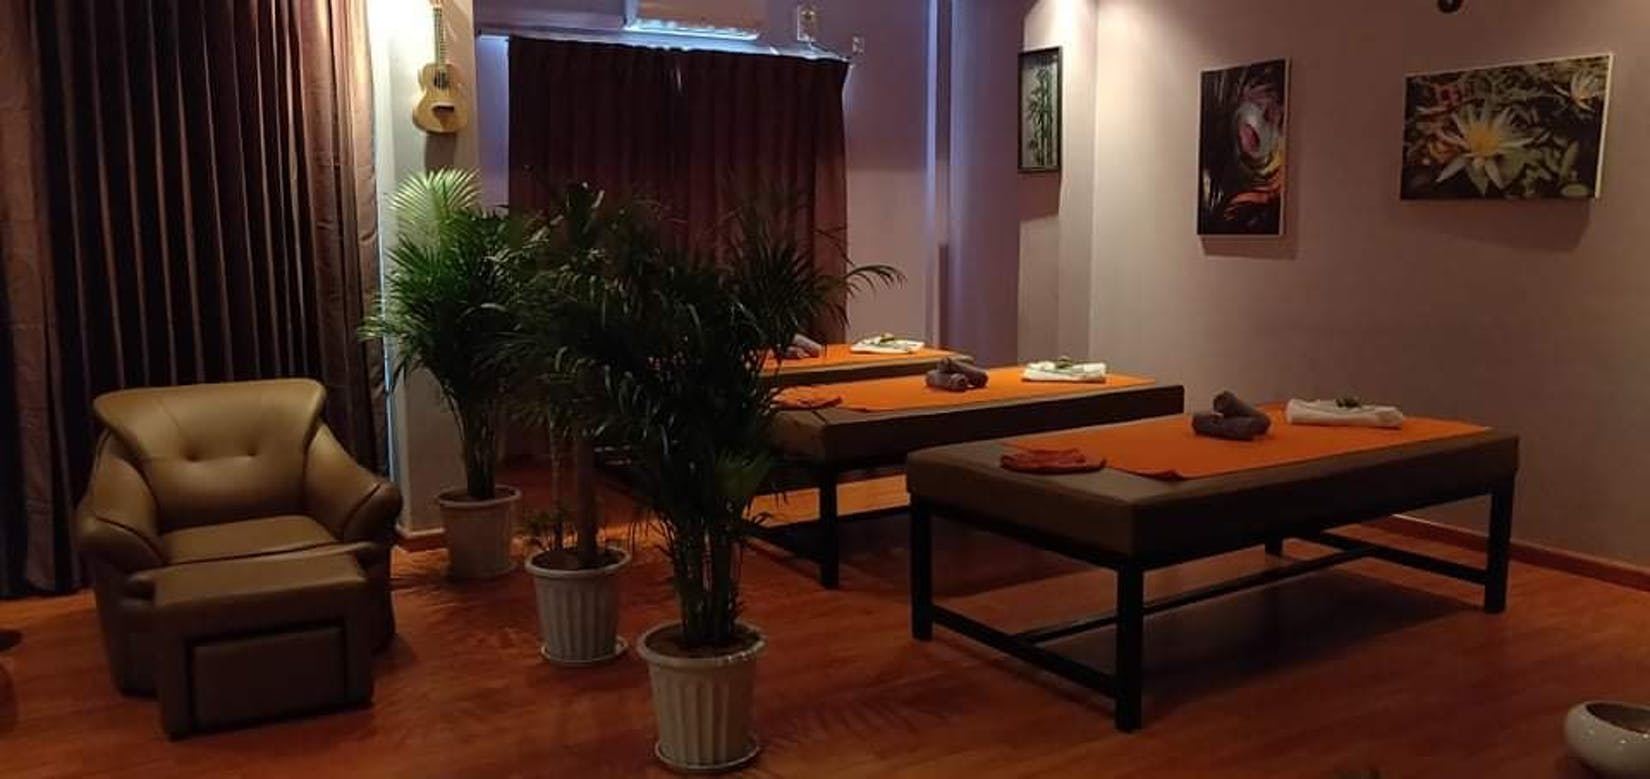 The Sixth-Foot Reflexology and Massage | Beauty